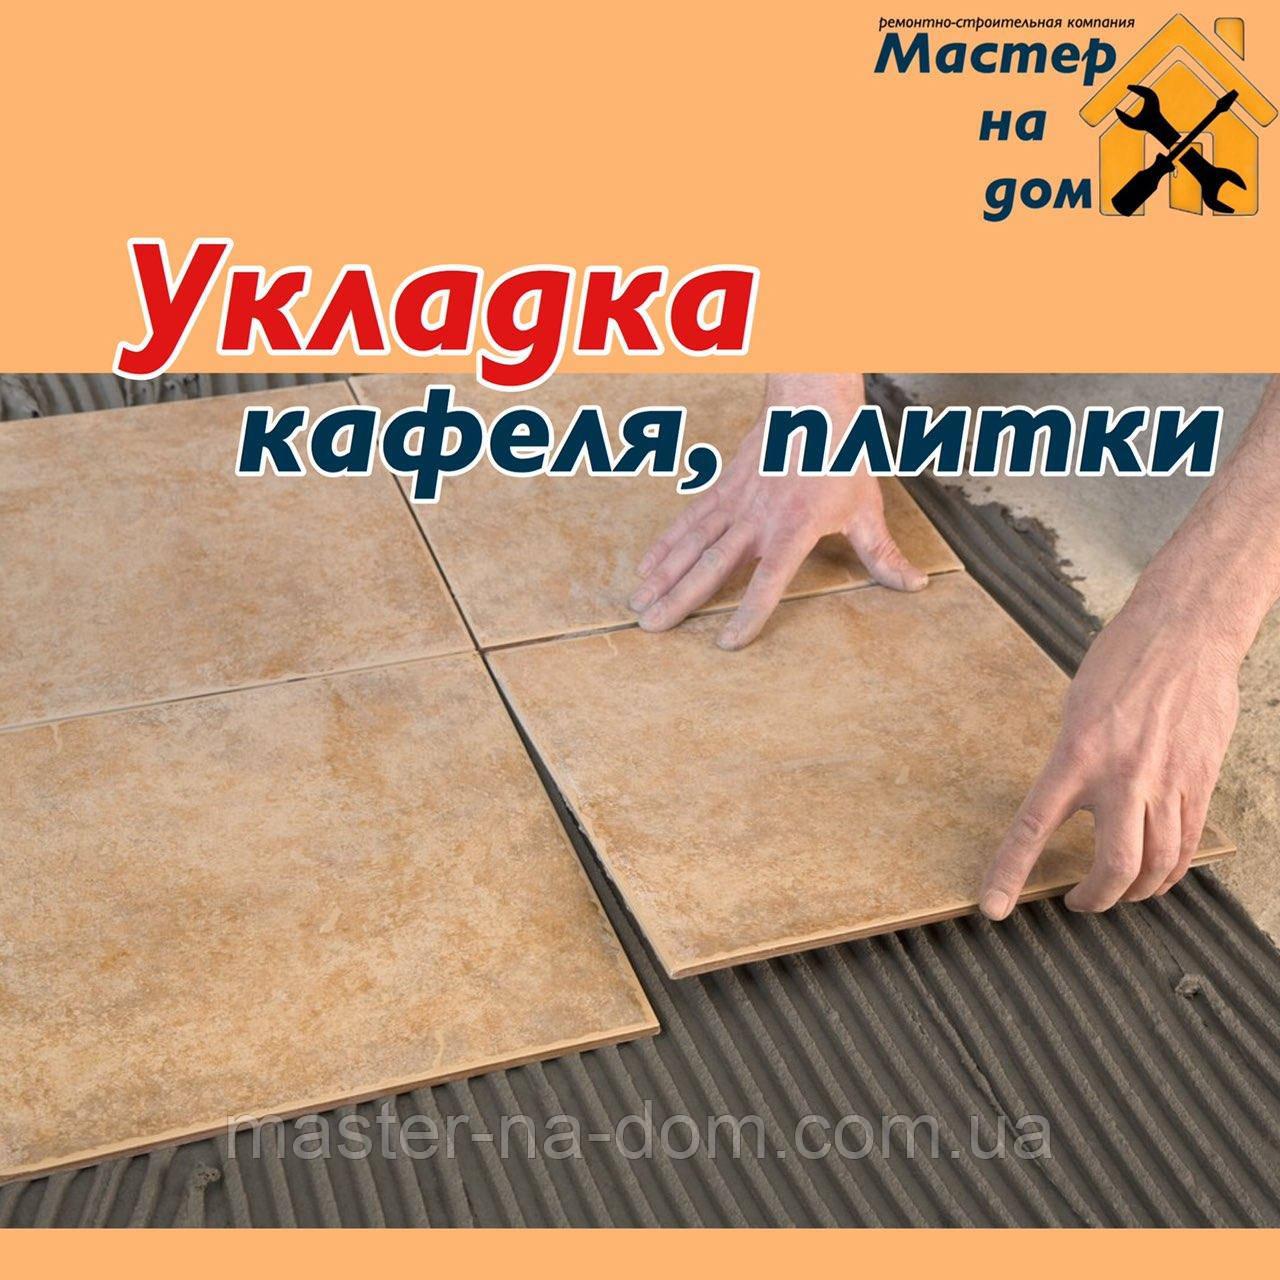 Укладка кафеля, плитки в Ужгороде